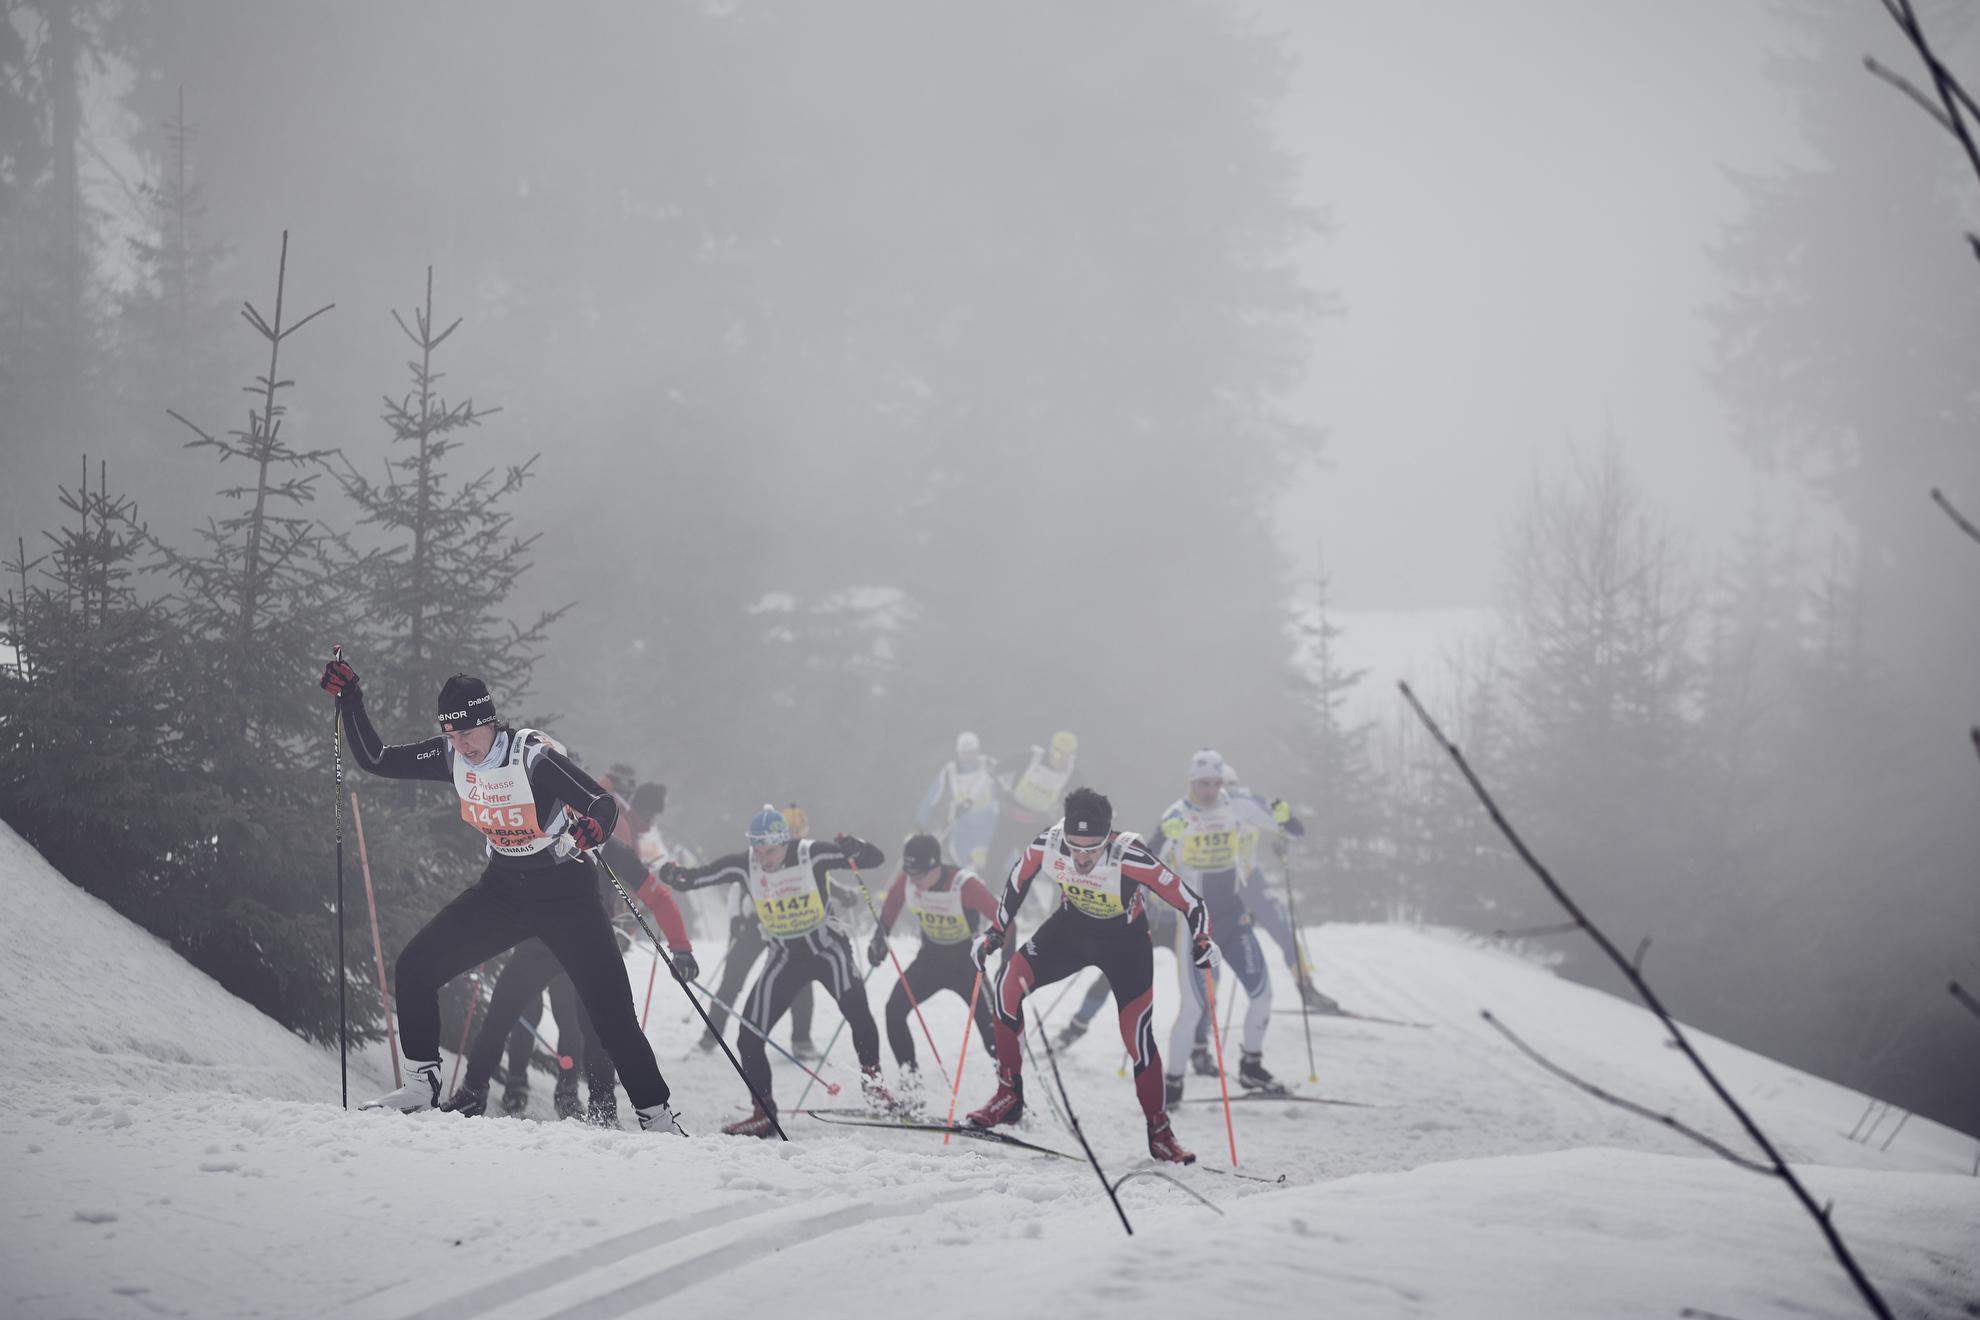 Skadi Loppet Bildergalerie Skadi Loppet Bodenmais Xc Ski De Langlauf